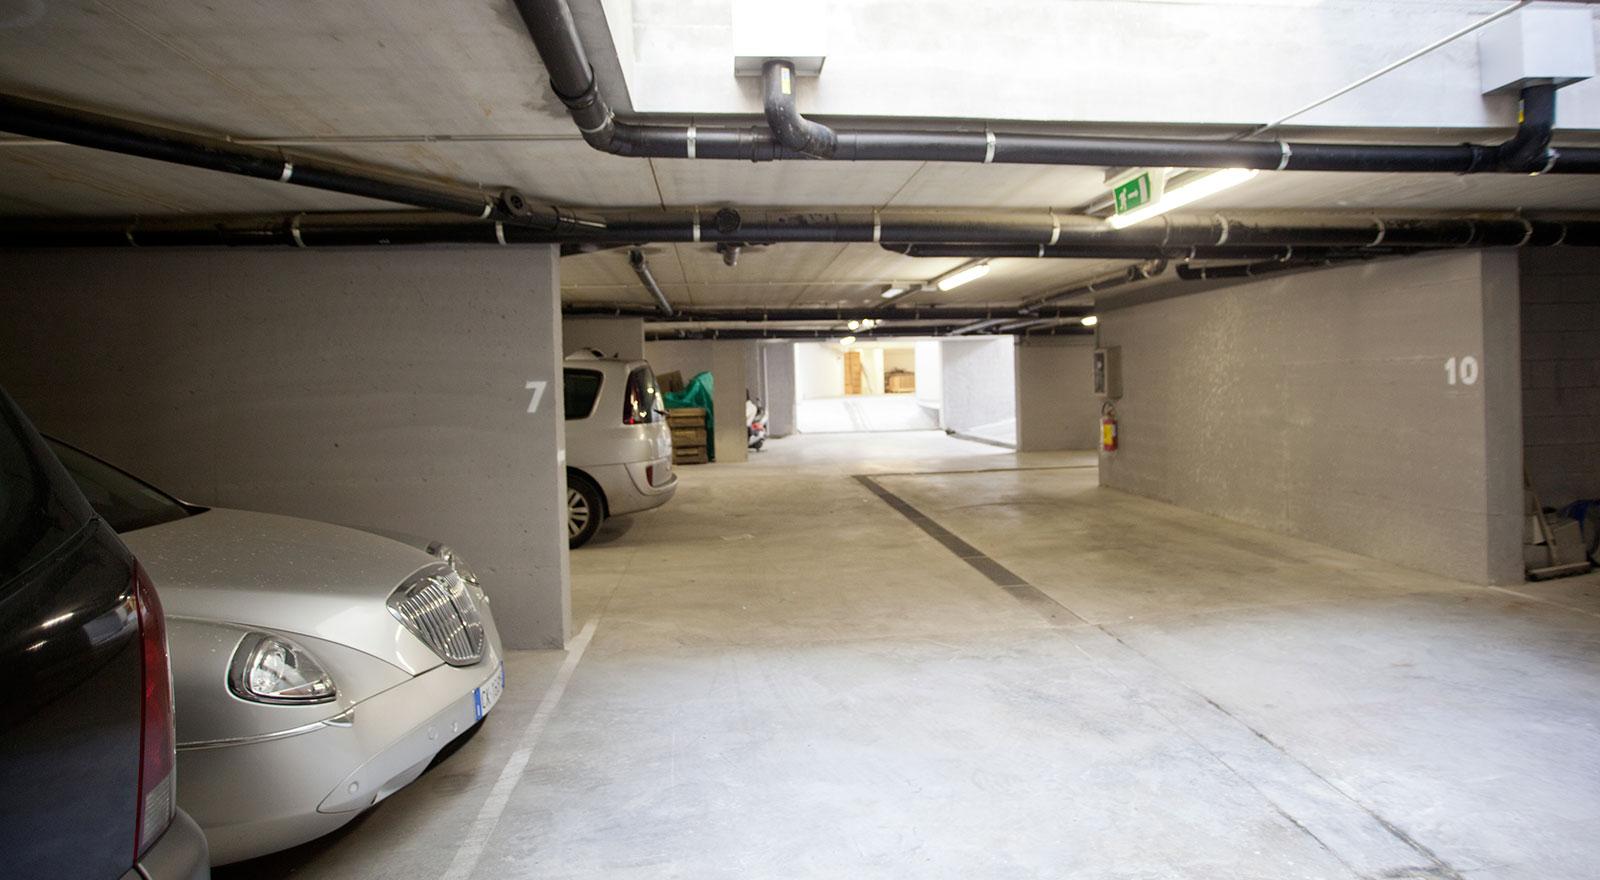 Hotel con parcheggio a rimini miramare terminal palace spa - Garage sotterraneo ...